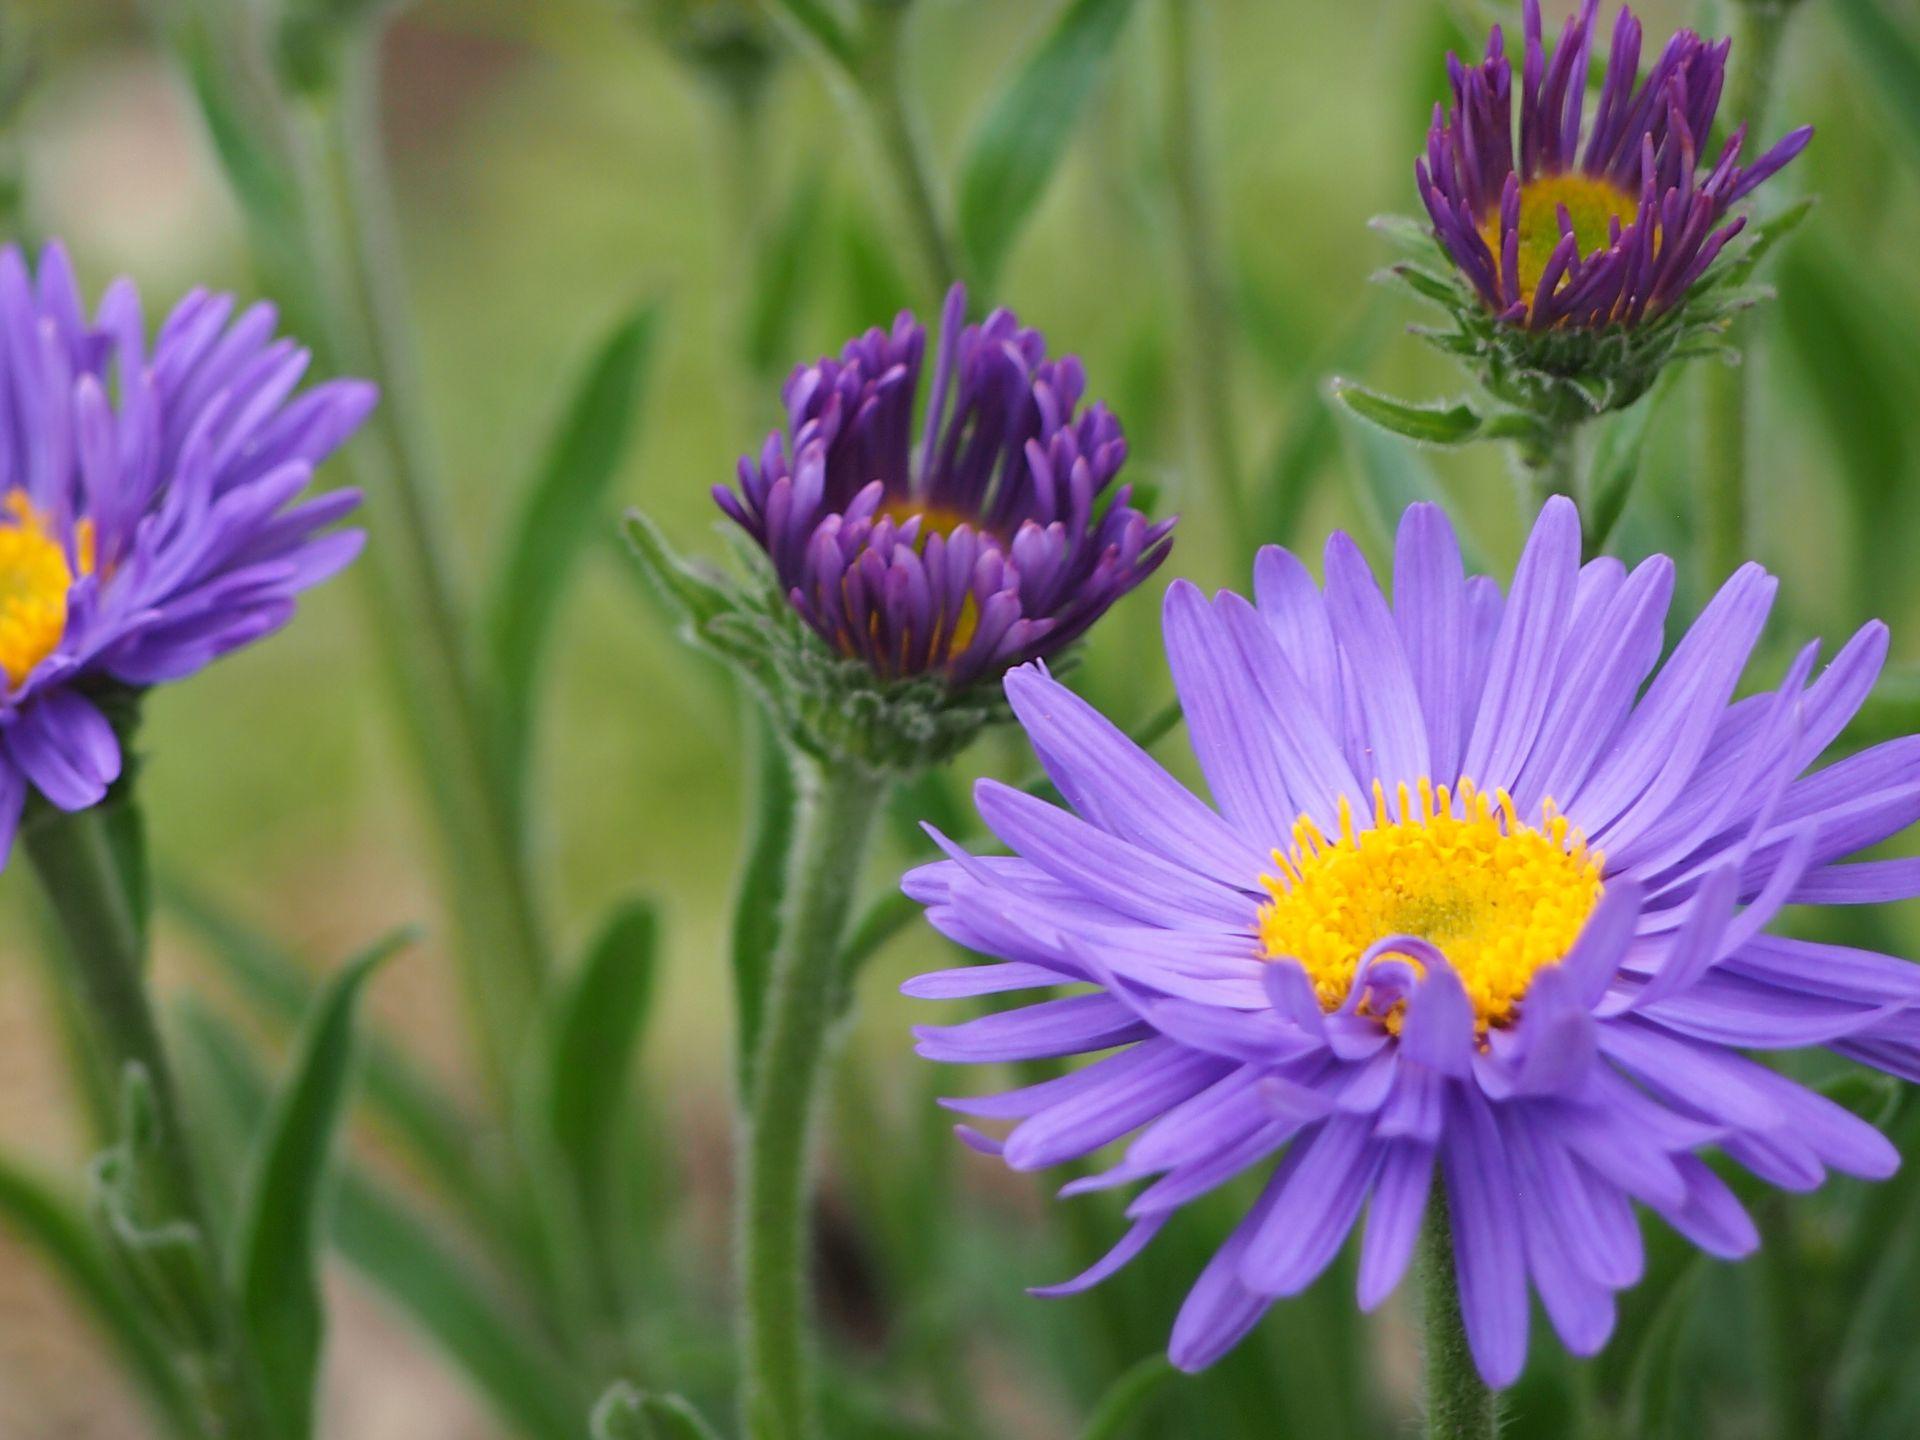 aecco_plantflower_1920x1440px.jpg